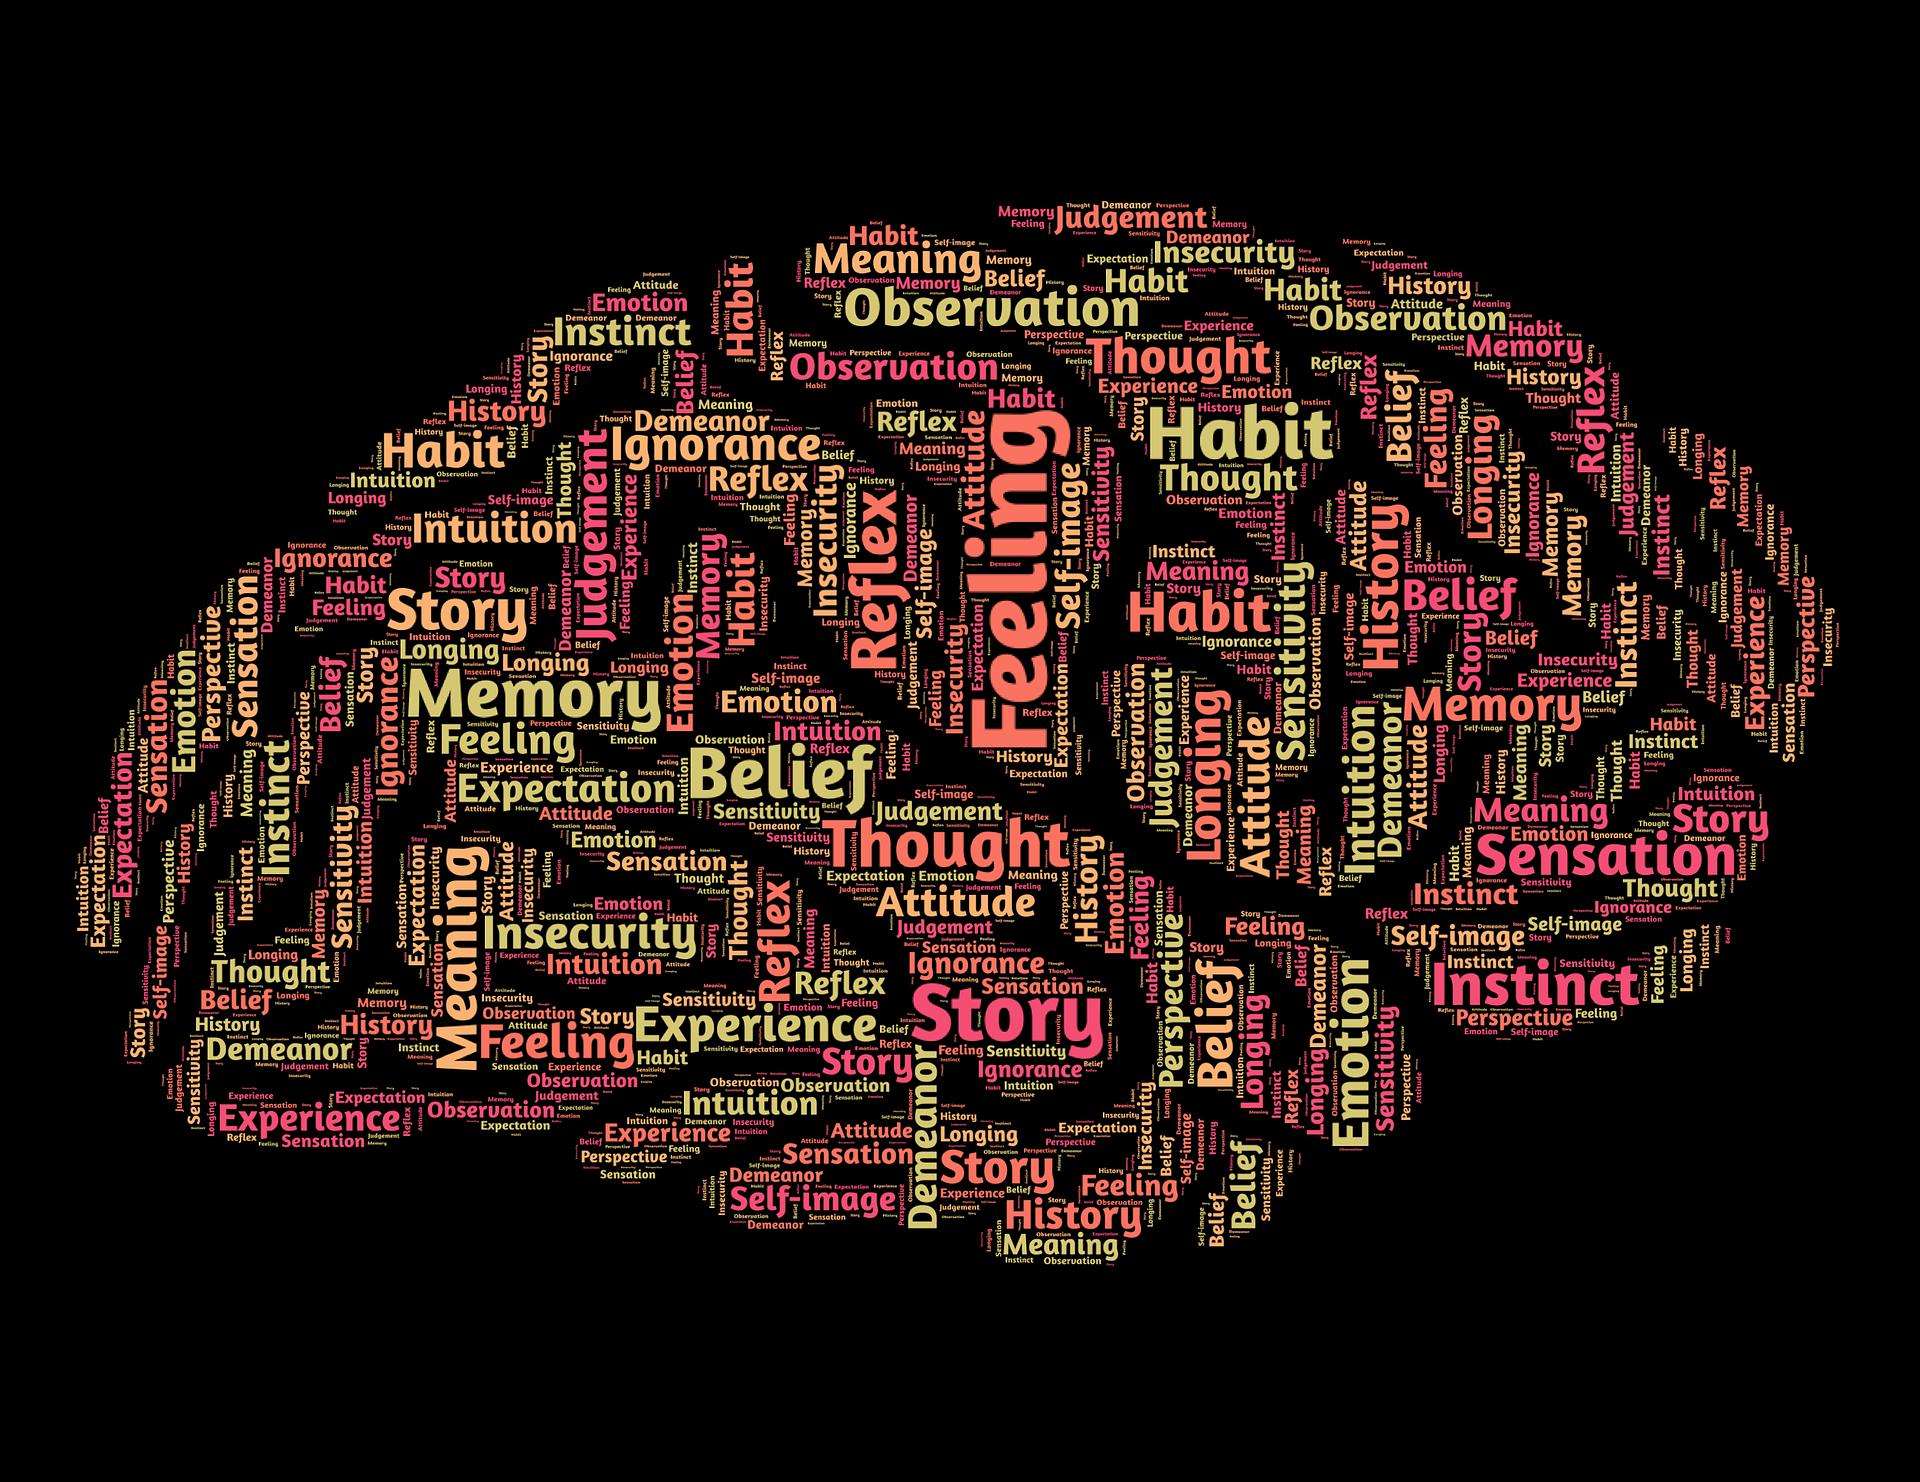 como-compra-nuestro-cerebro